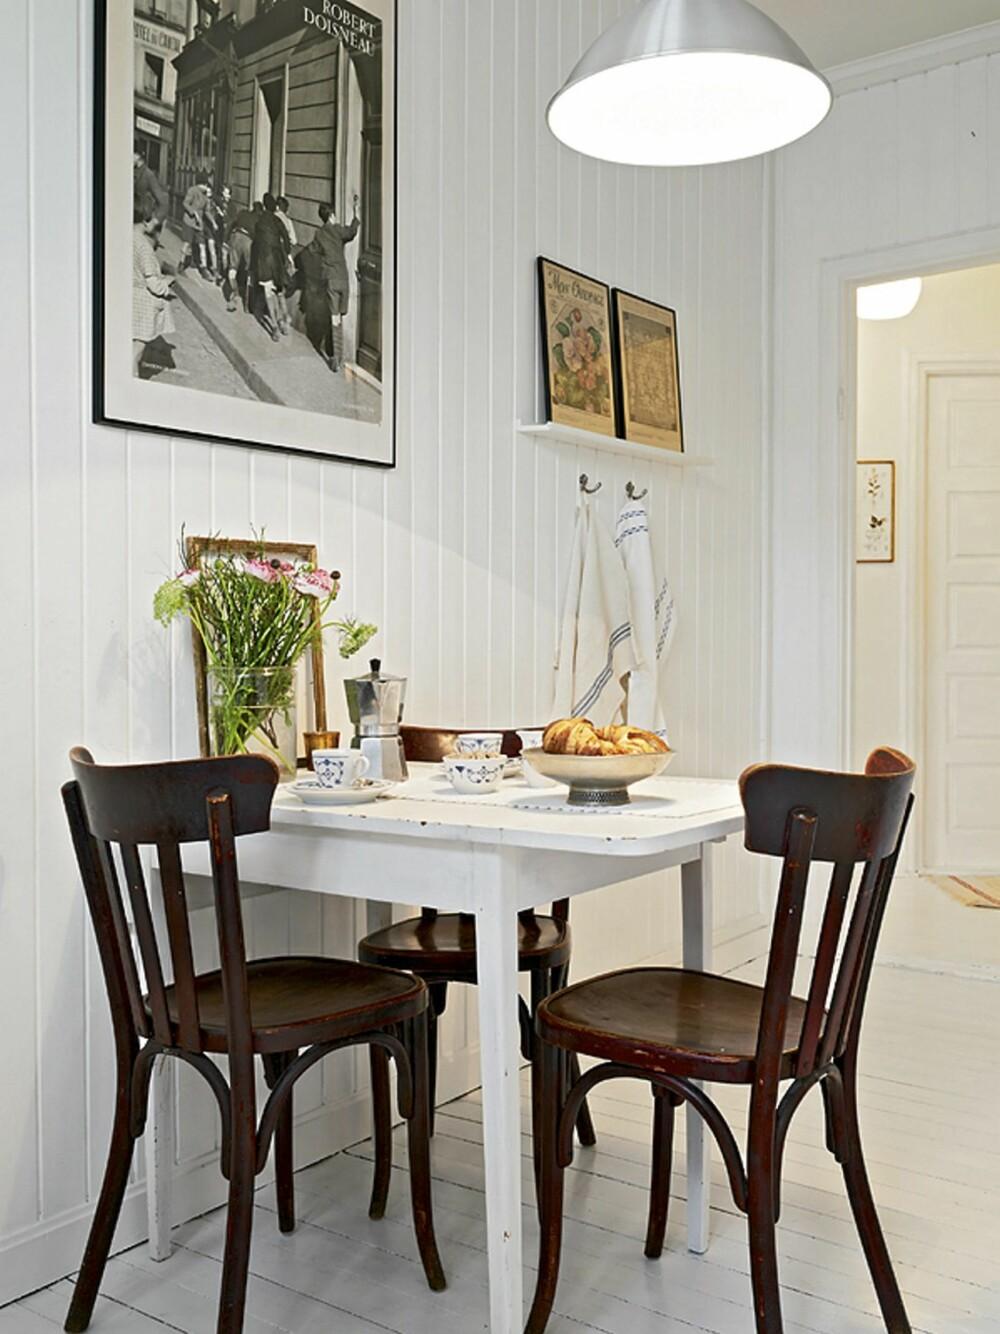 SPISEKROK: På kjøkkenet er det plass til en koselig spisekrok